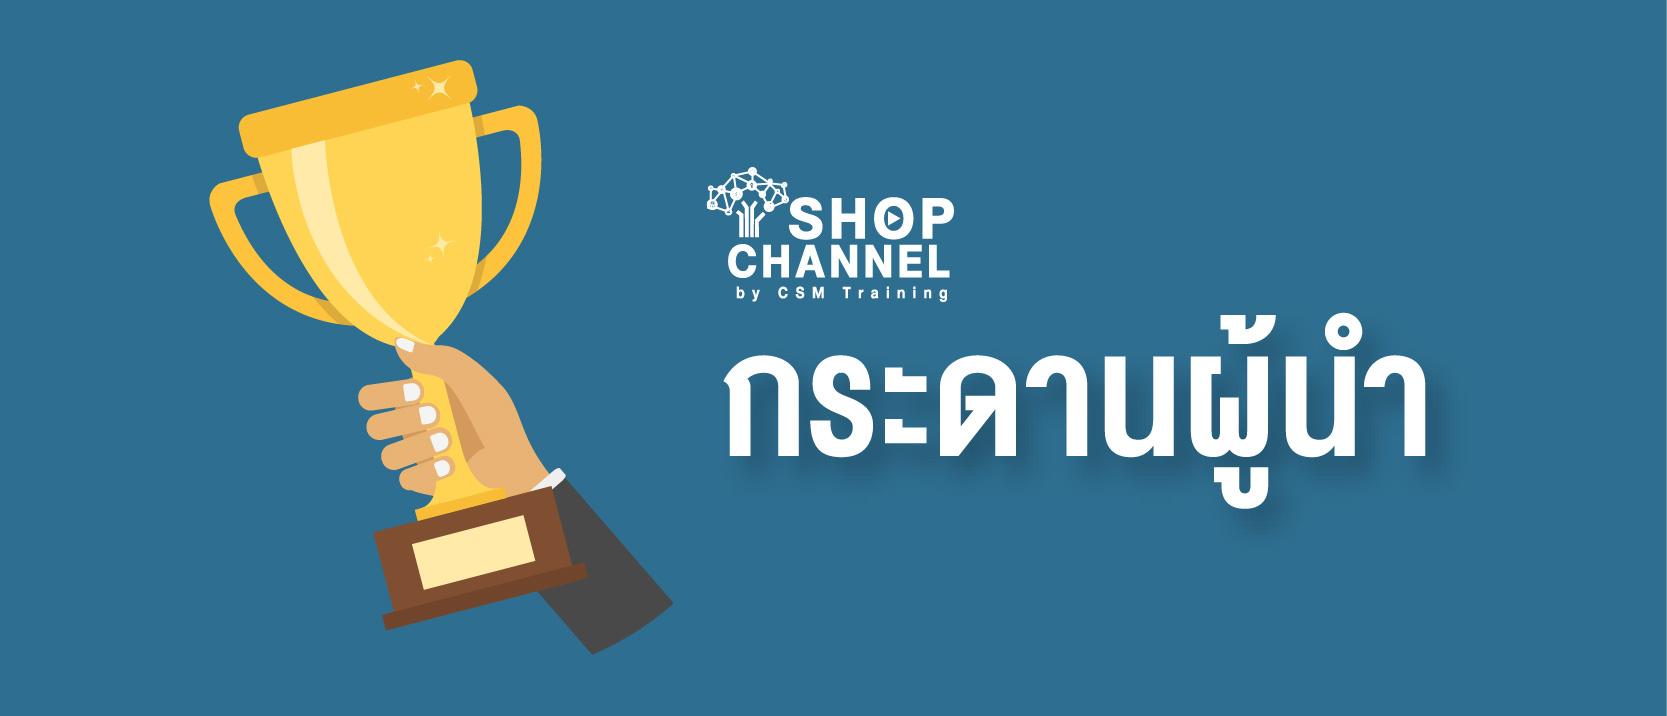 คะแนนผู้นำ Shop Channel